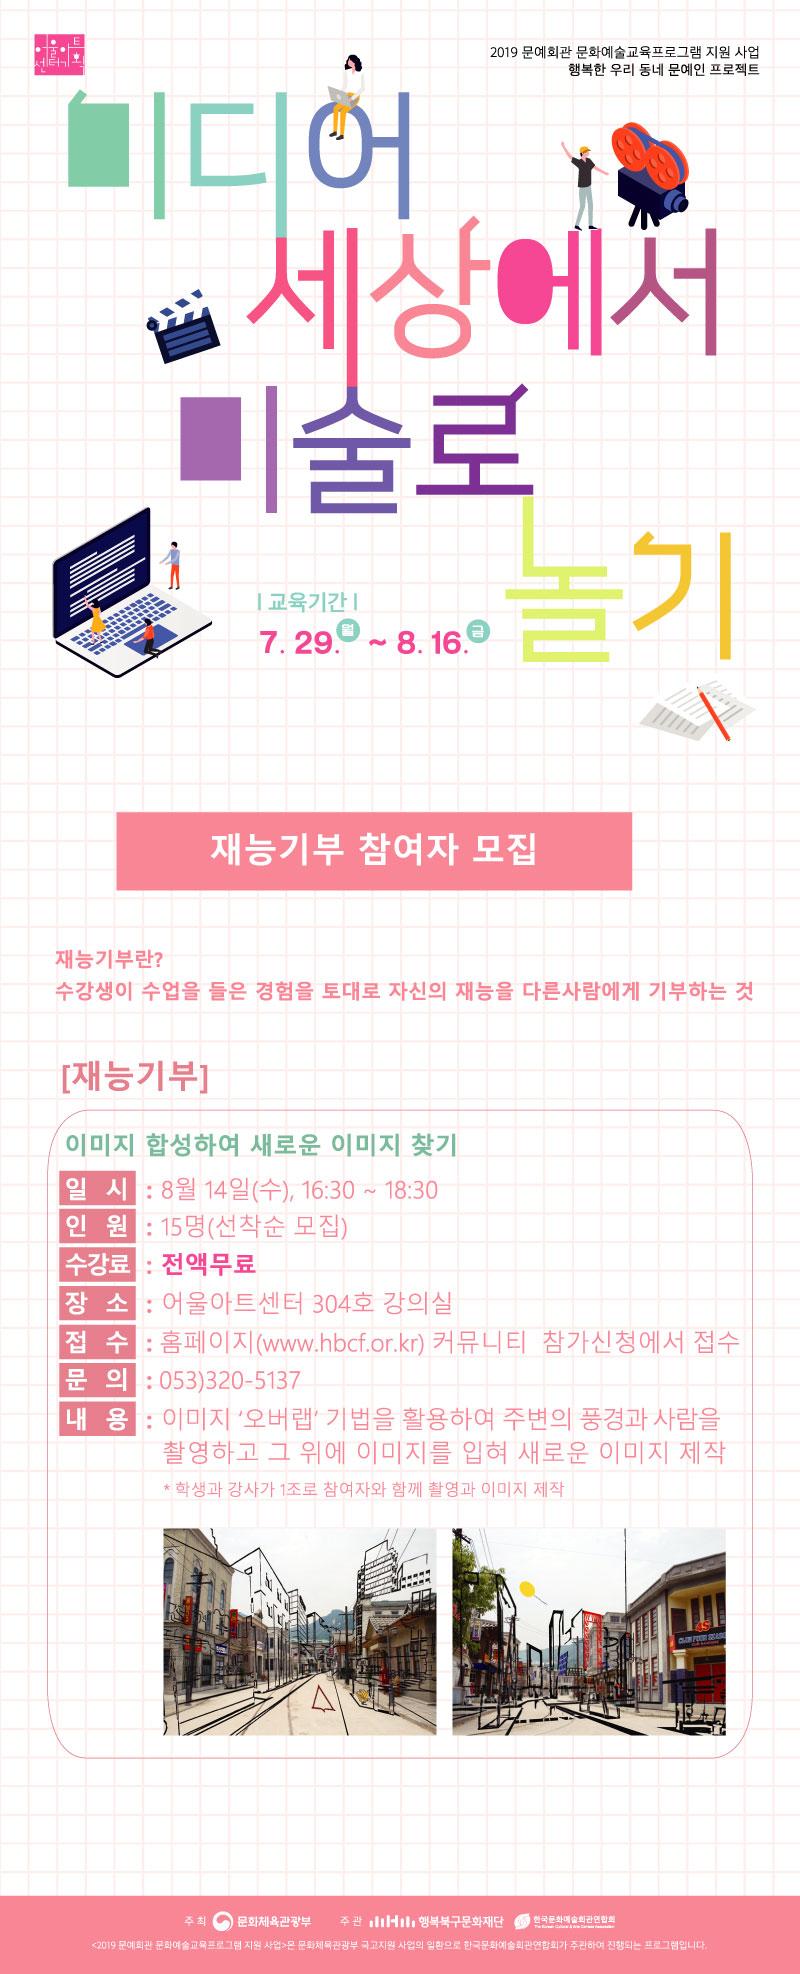 미디어-재능기부-안내이미지(글자깬거).jpg